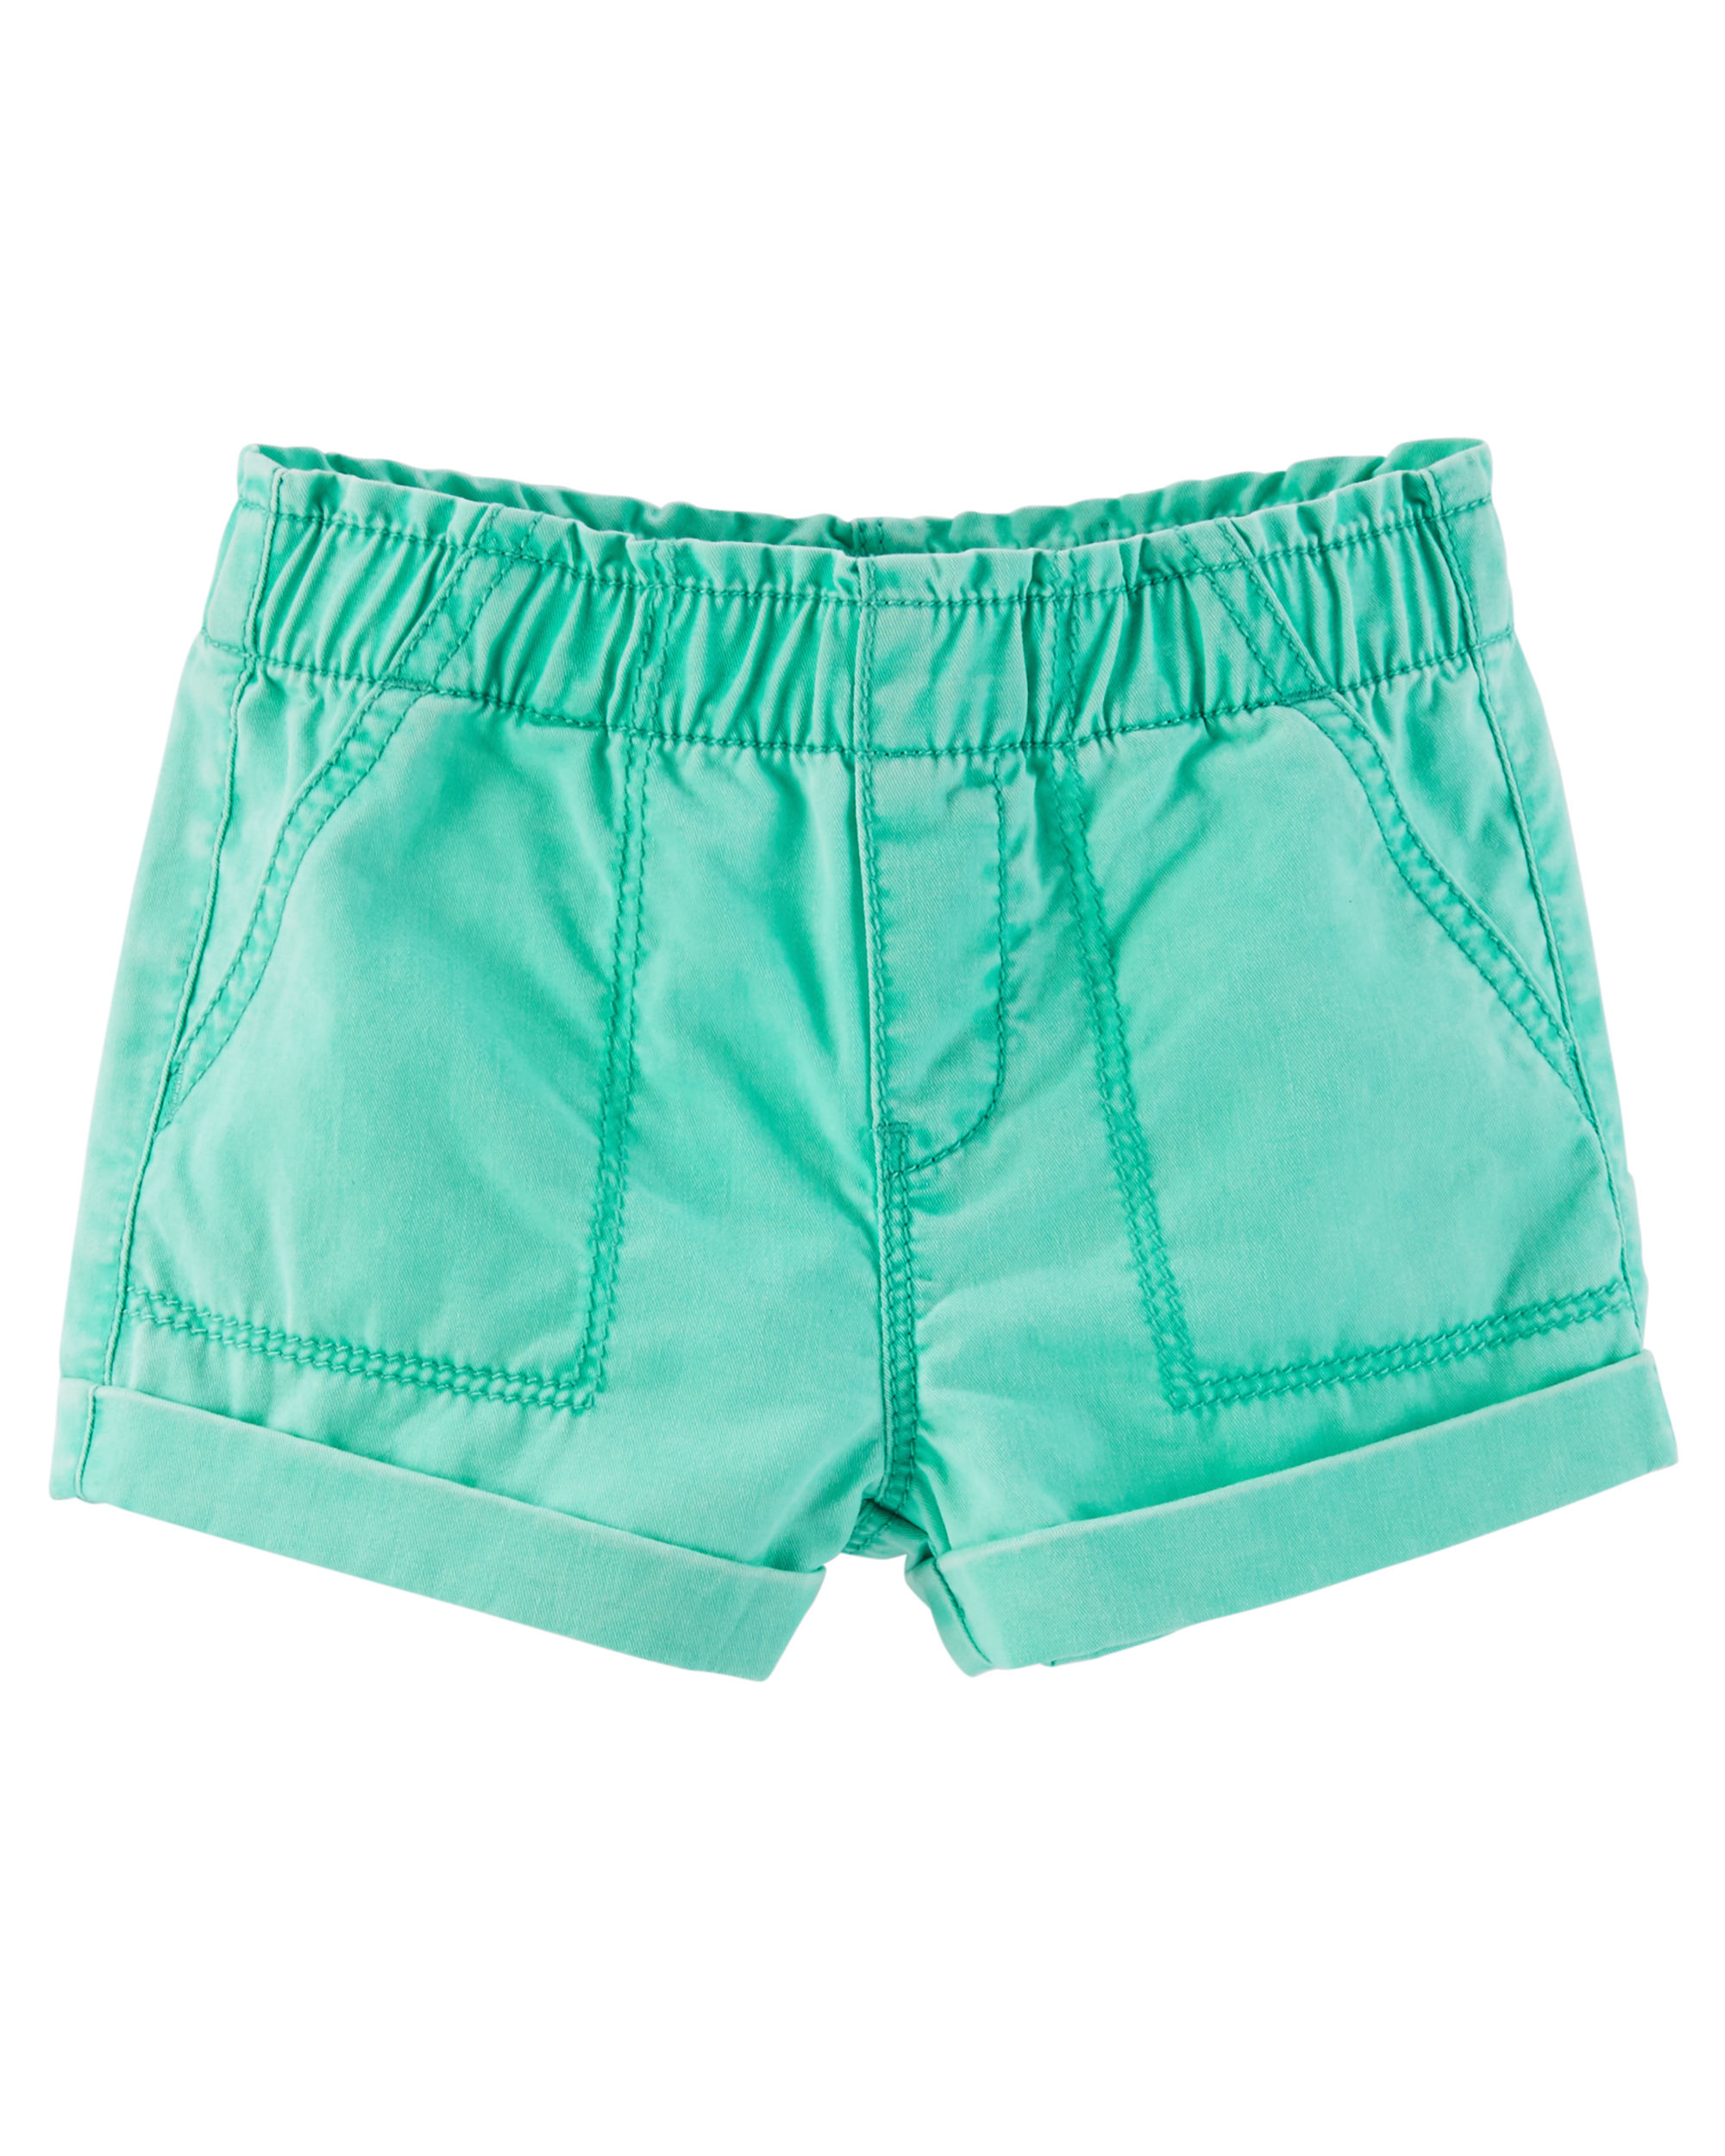 OshKosh B'gosh Baby Girls' Pull-On Twill Shorts, 12 Months